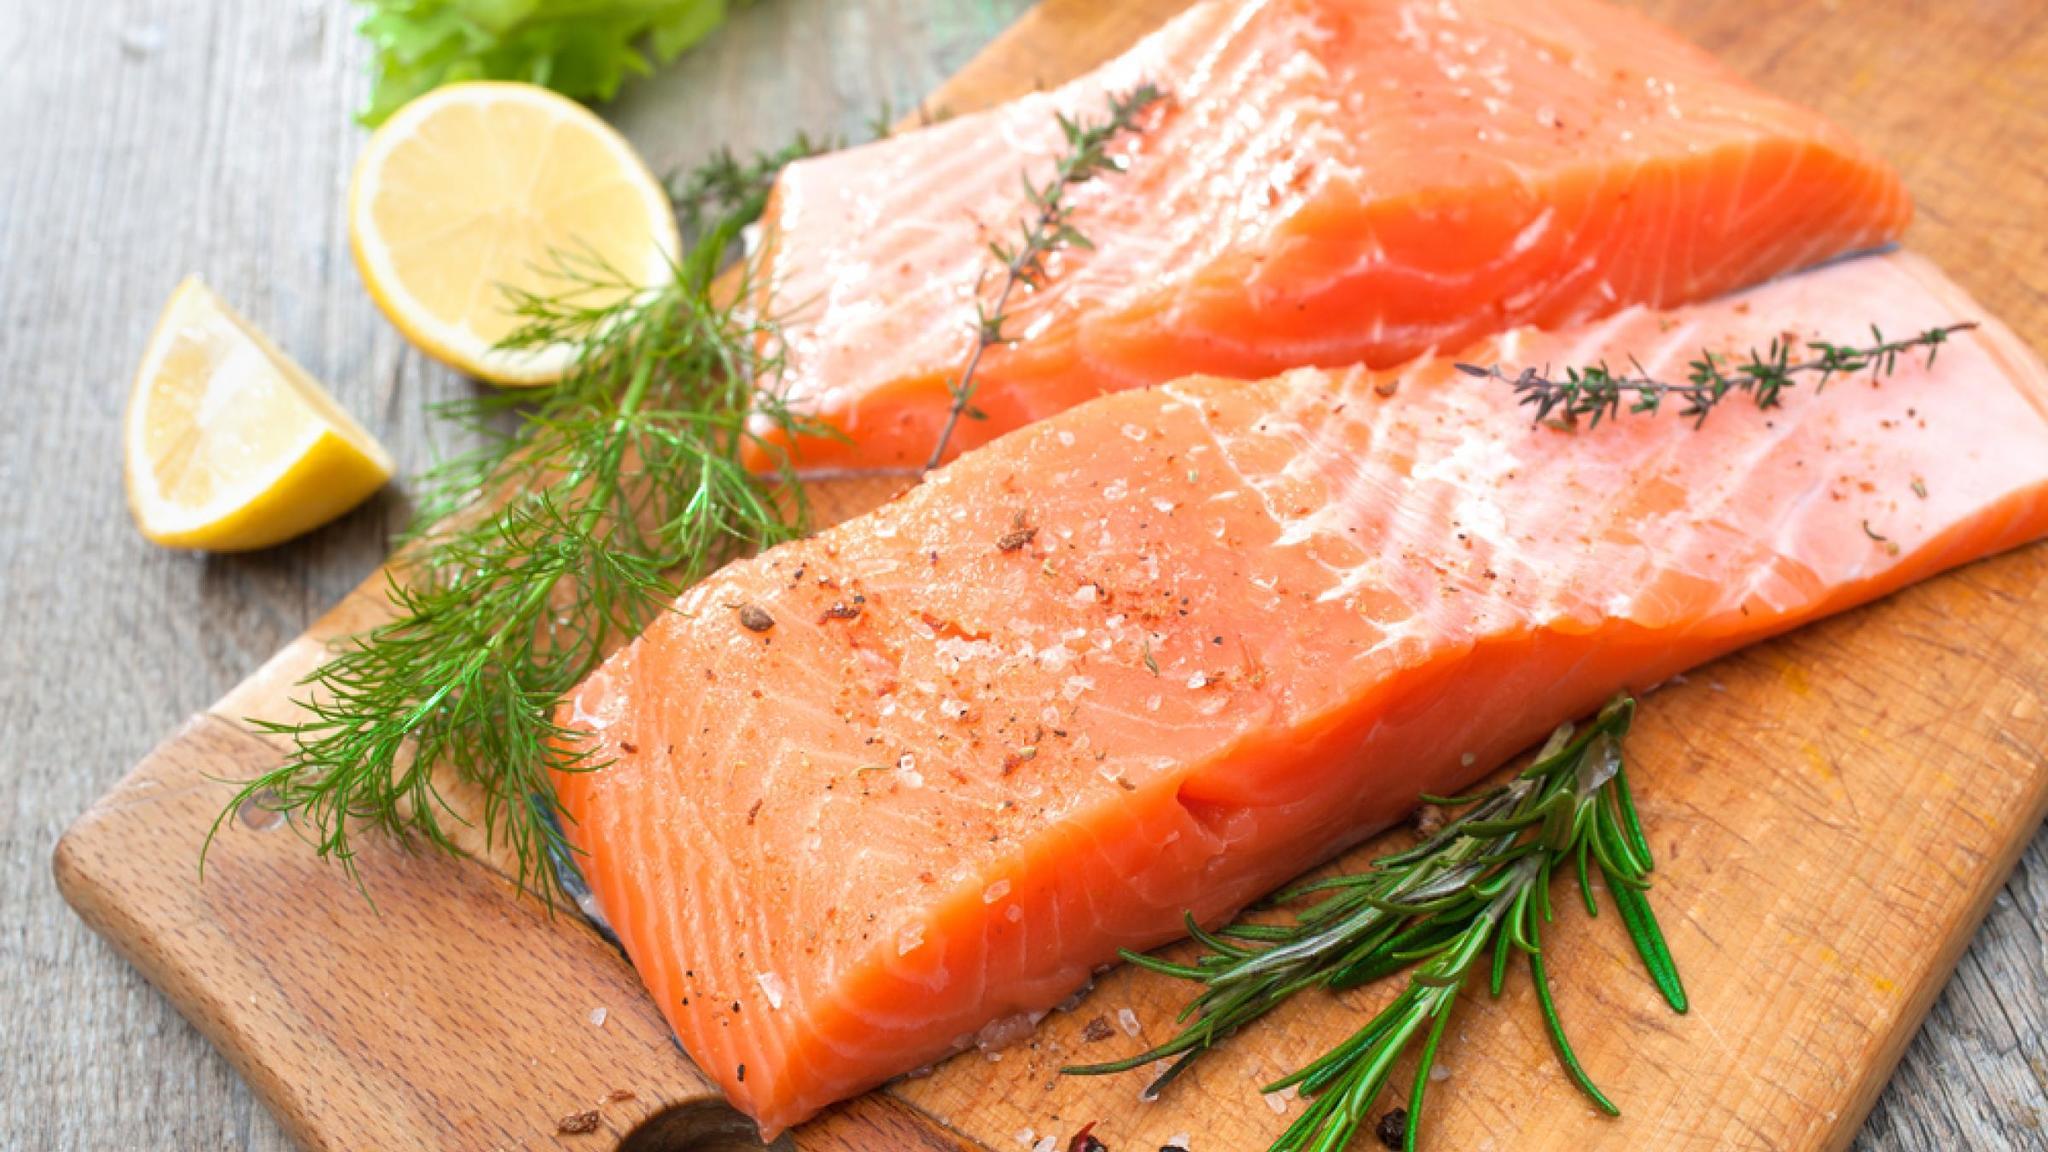 Можно ли беременным семгу слабосоленую, сушеную и вяленую красную рыбу – форель, горбушу, лосось?